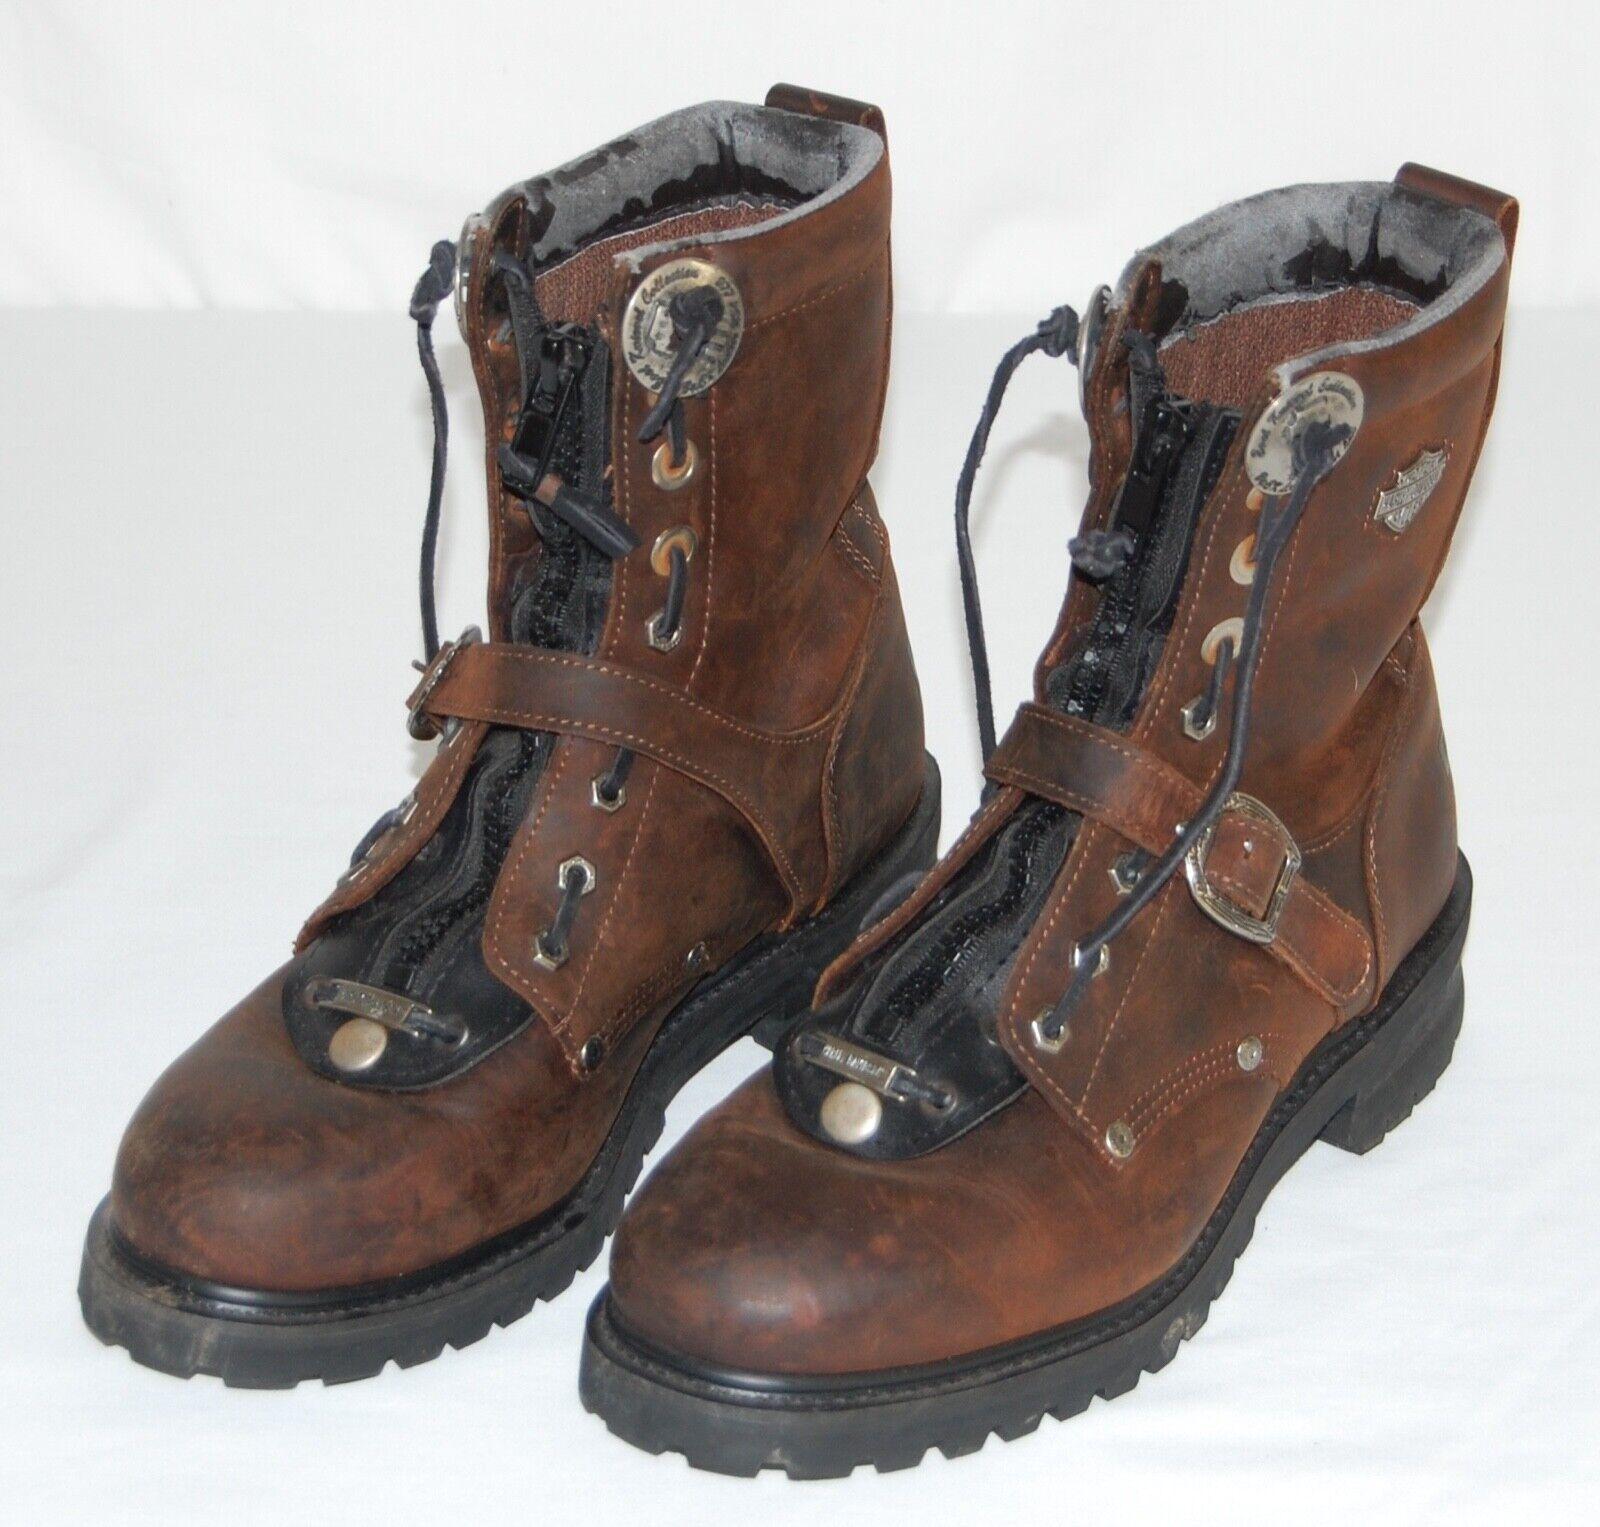 HARLEY EVIL KNIEVEL marróns Cuero con Cordones Cremallera jefe Biker botas para Hombre 12 D